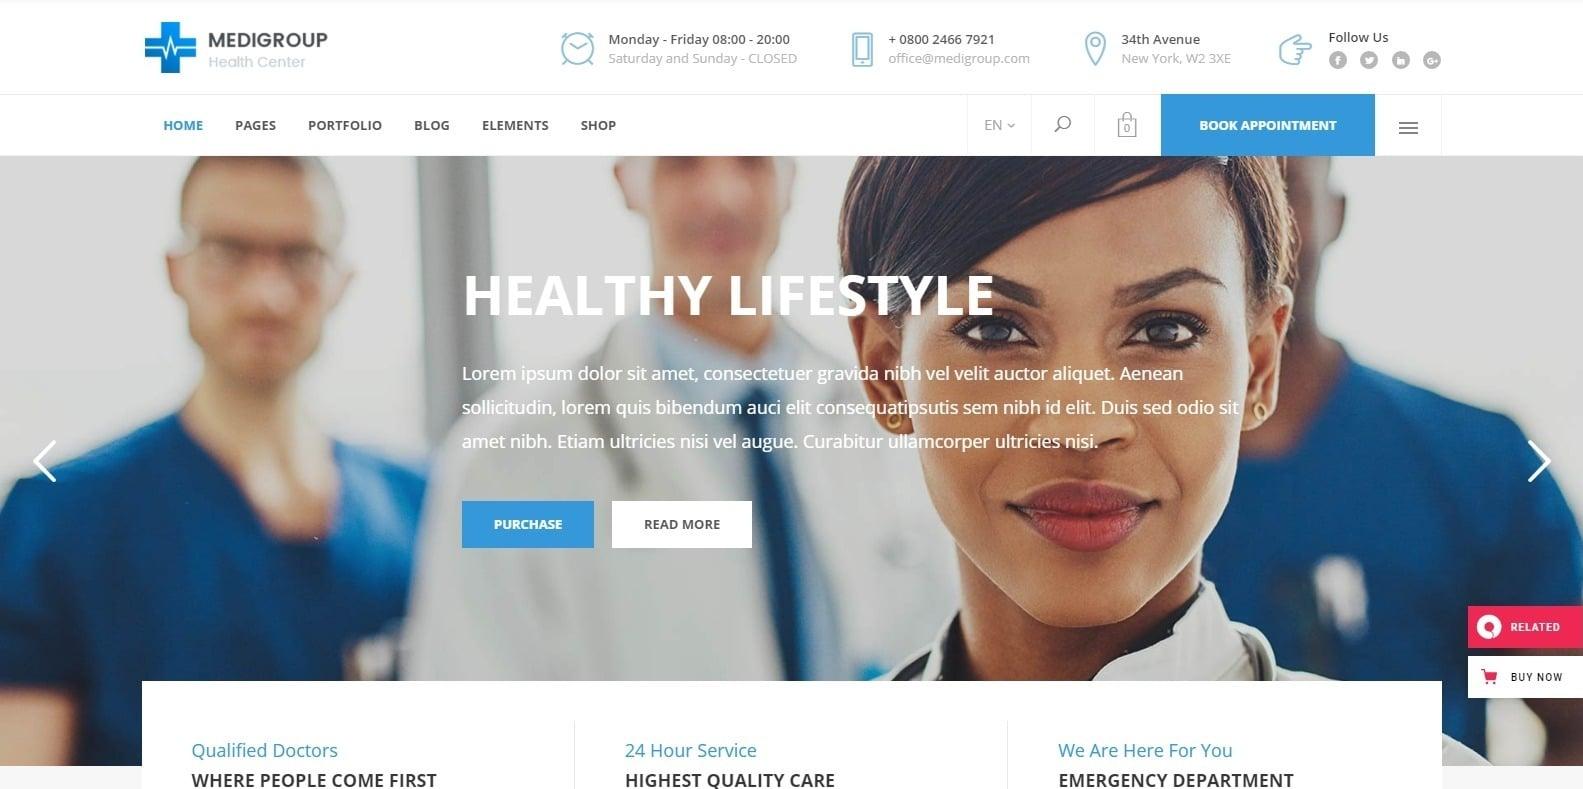 medigroup-medical-website-template